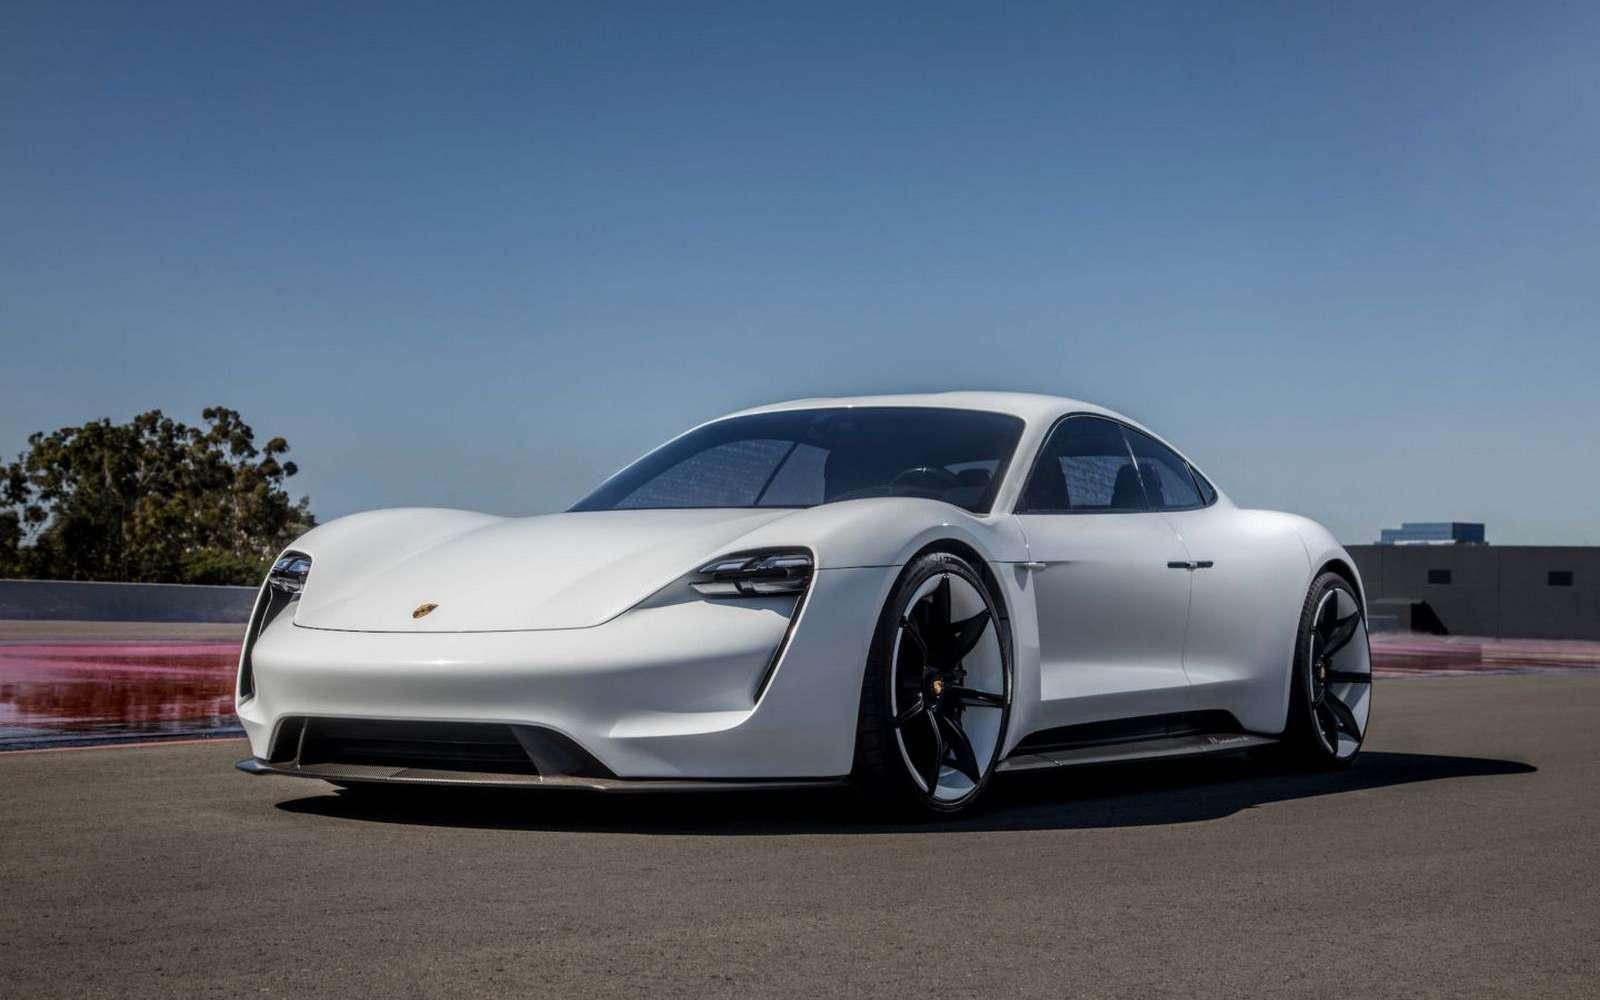 La Porsche Mission E devrait être commercialisée en 2019 ou 2020. © Porsche